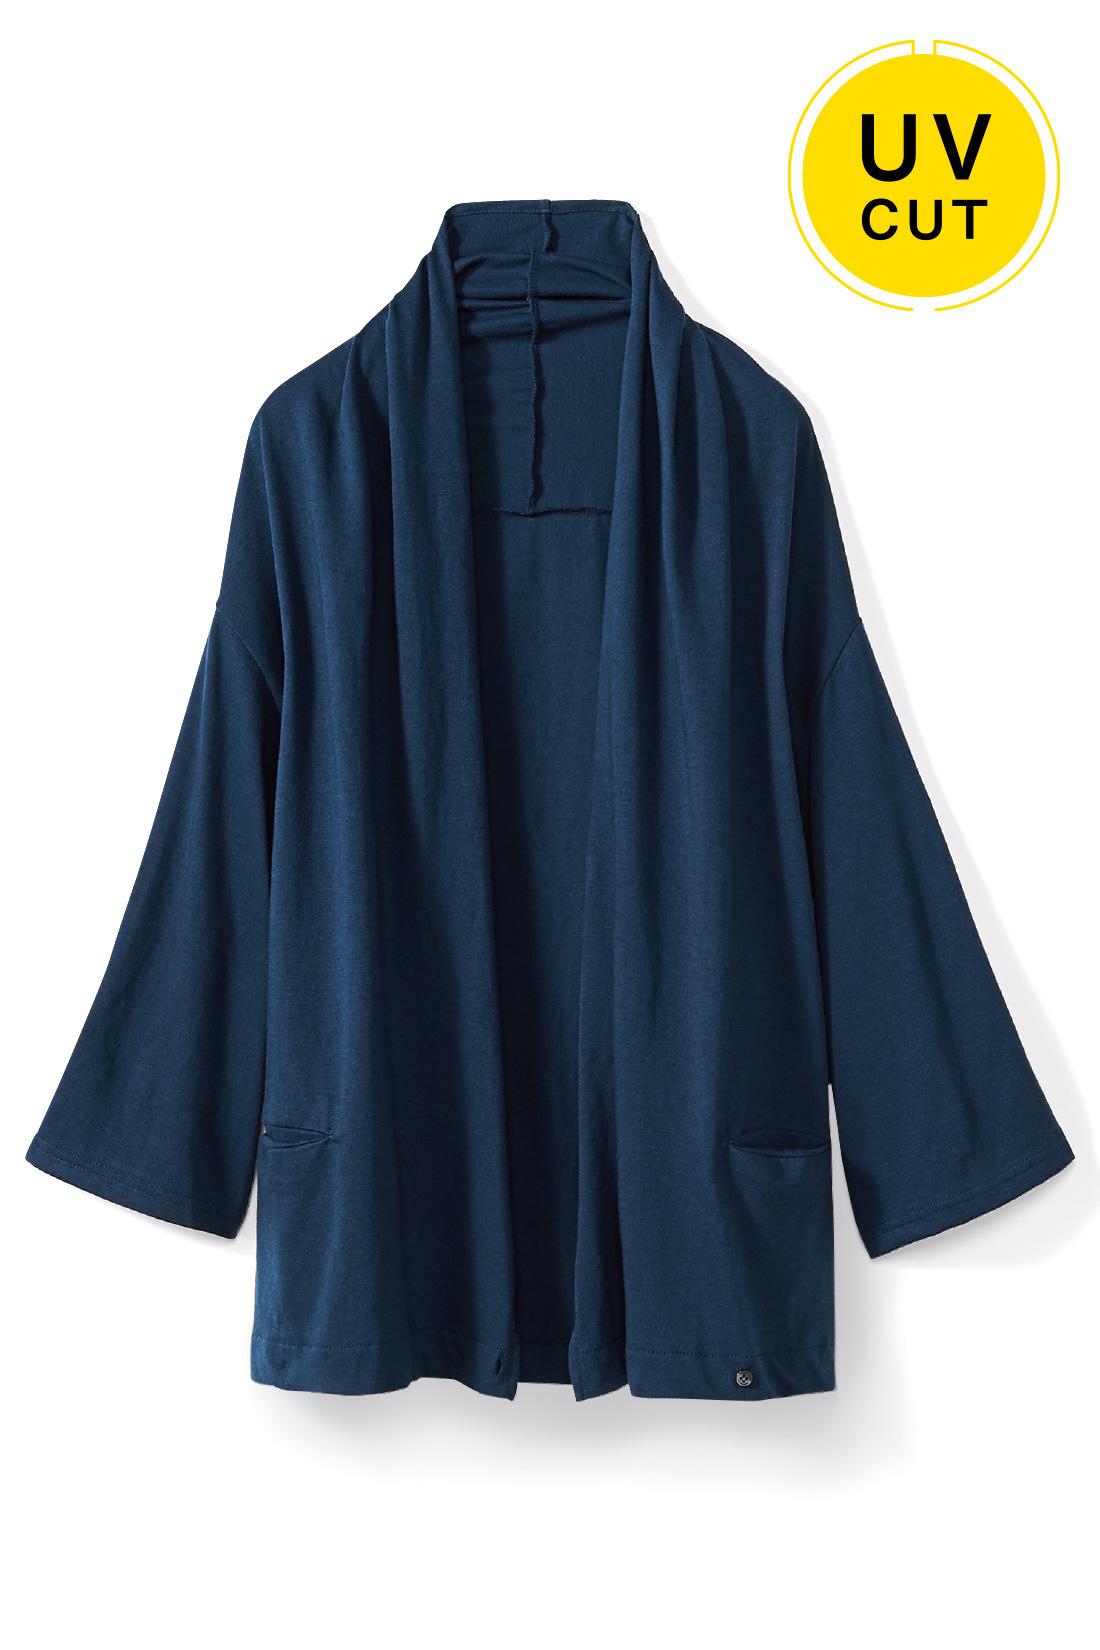 ノーブルに着こなせる〈ネイビー〉 着流すだけで女っぽい 好印象に華やげる、衿もとの美しいドレープがエレガント。